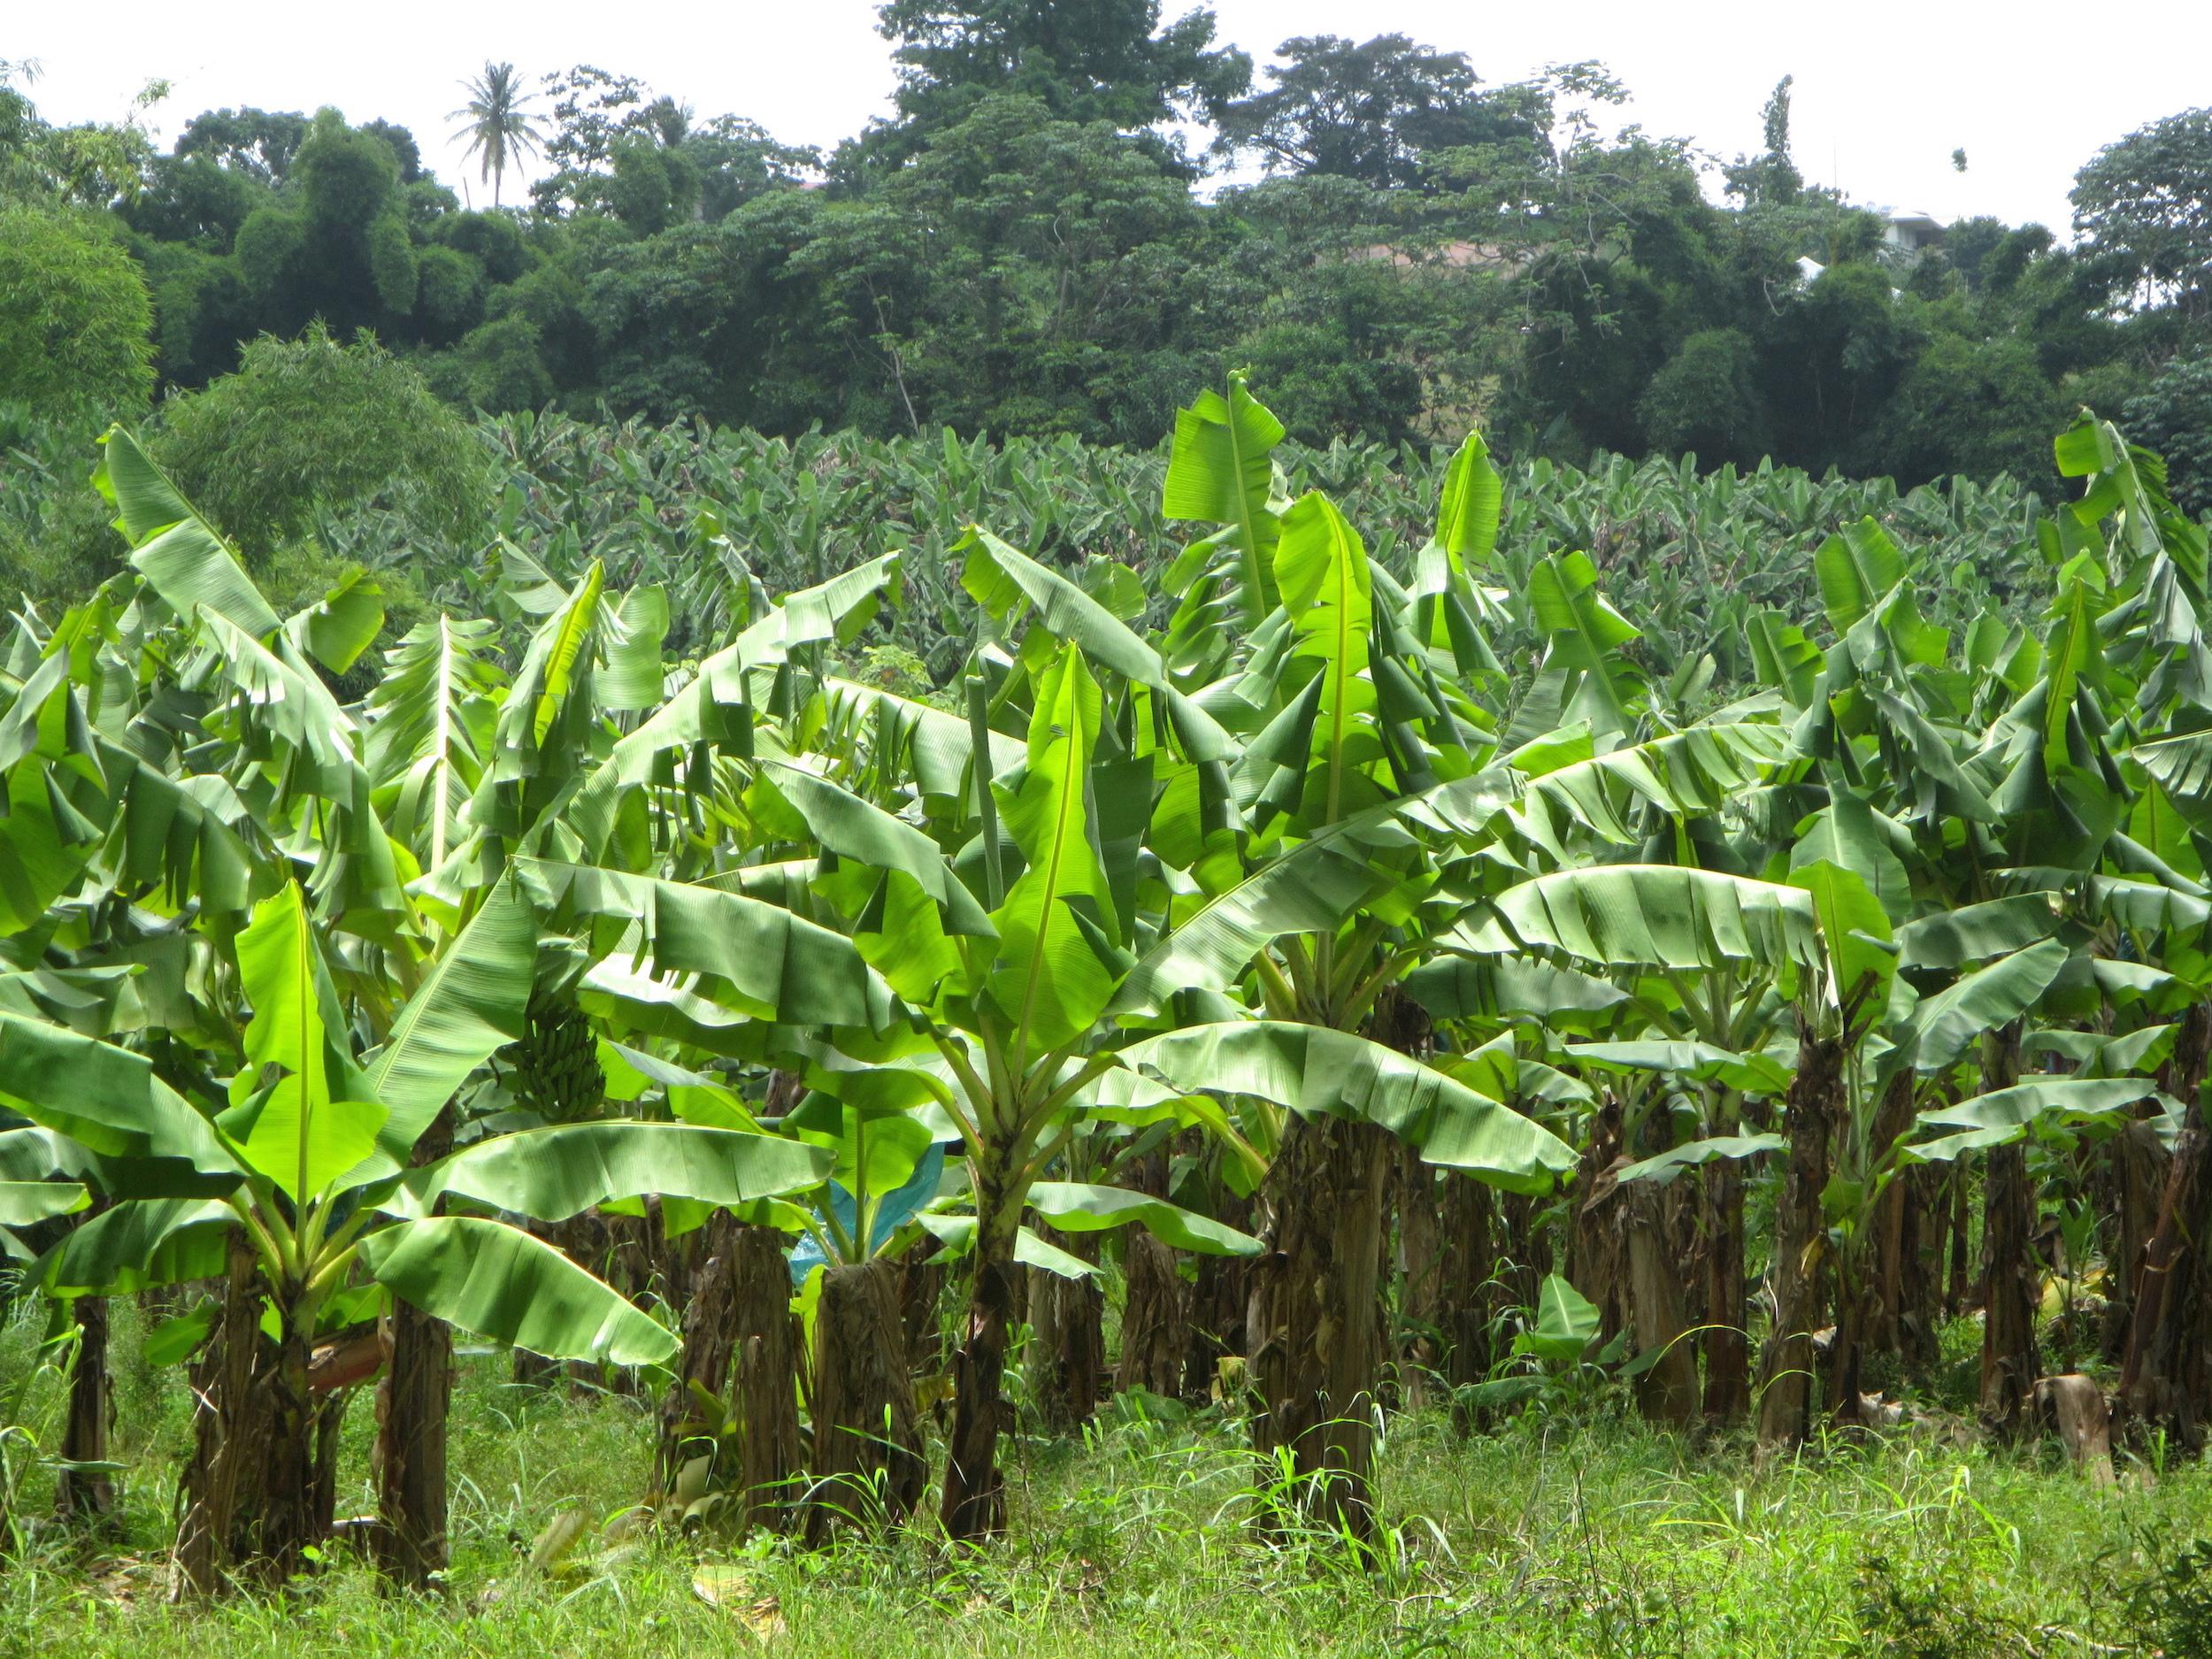 Chlordécone : les ouvriers agricoles de la banane étaient en première ligne